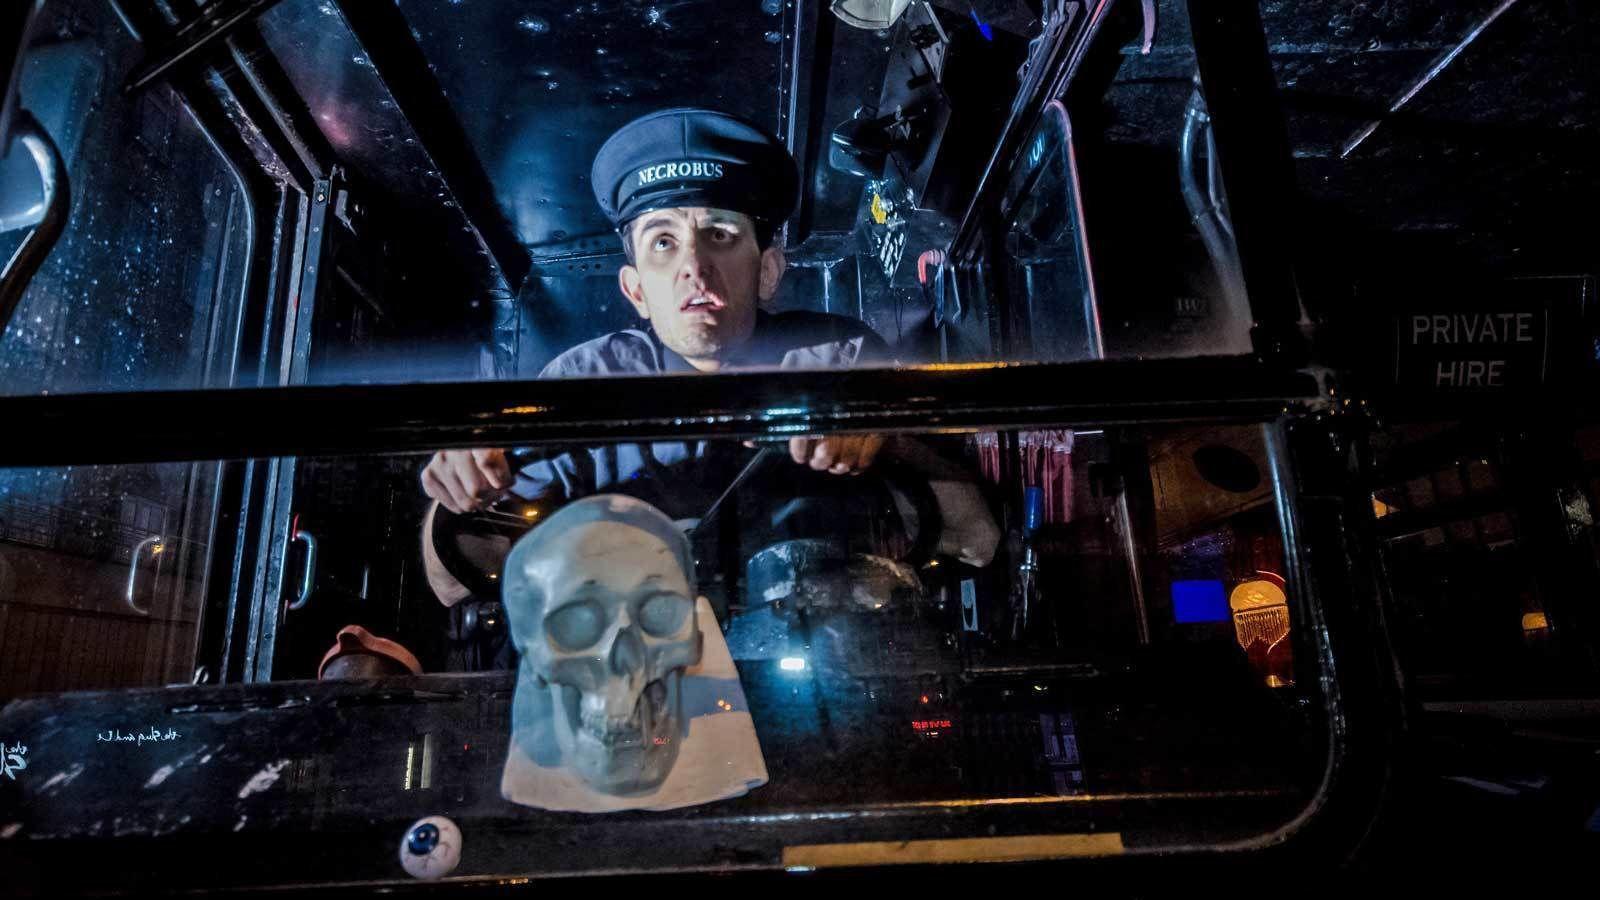 Edinburgh Ghost Bus Tour: A Comedy Horror Show